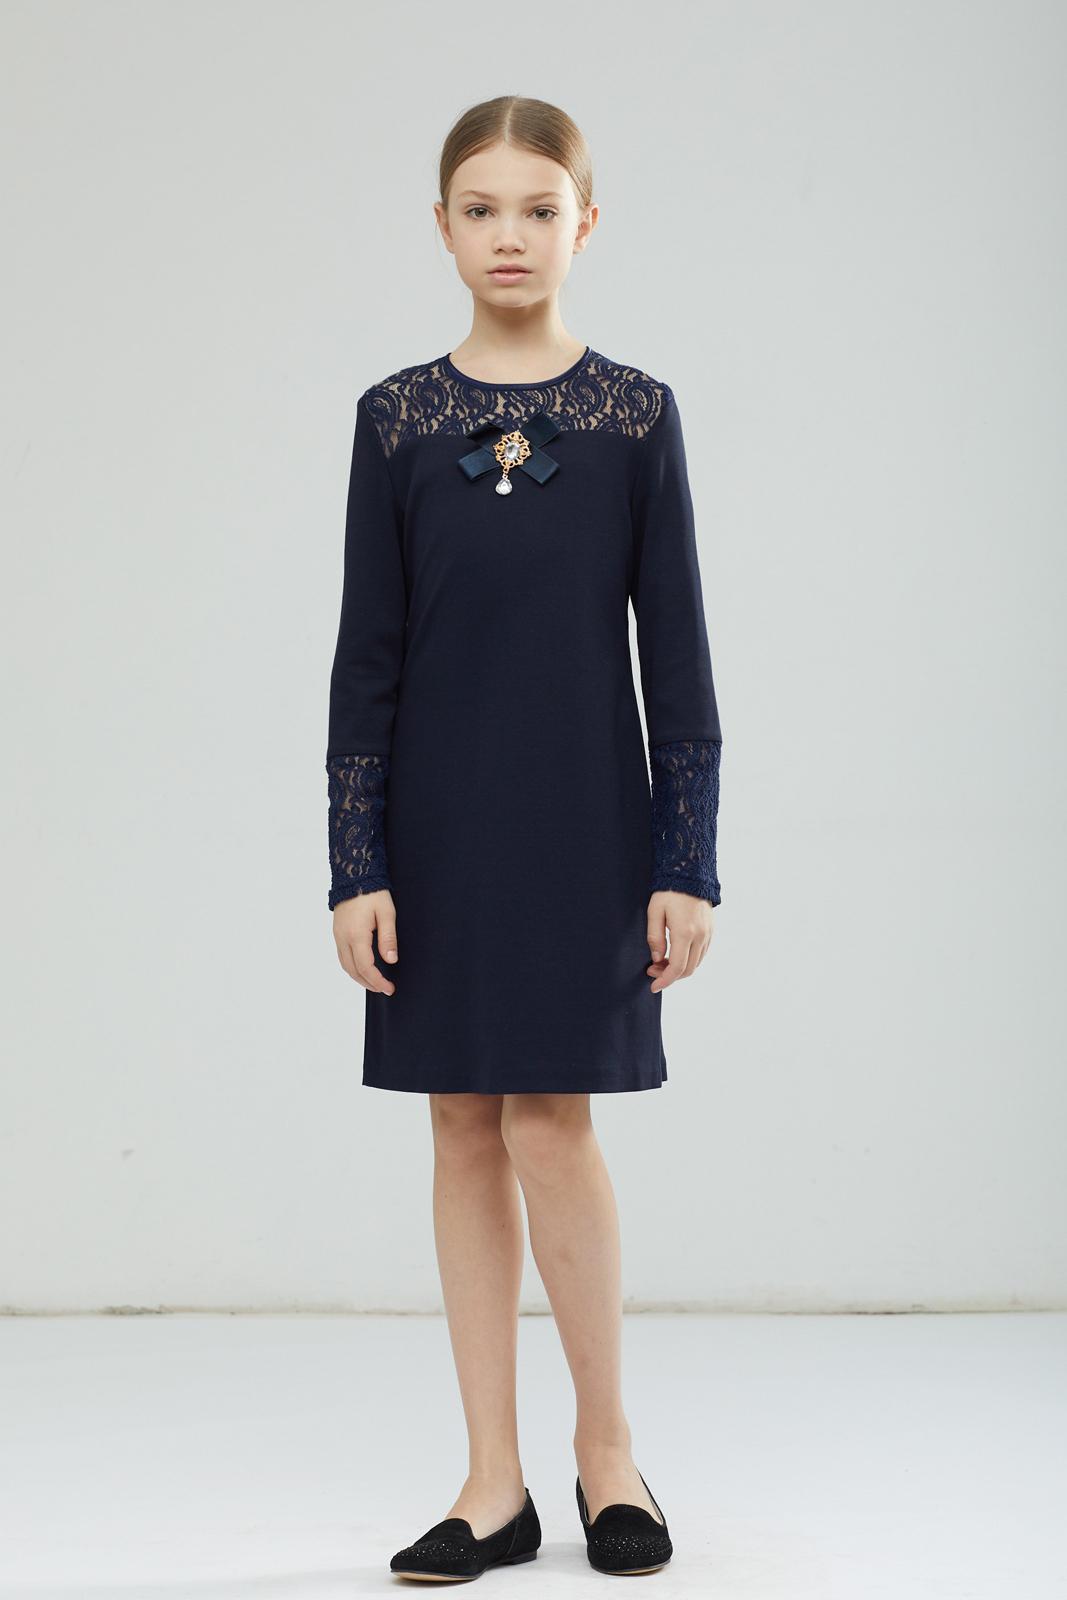 Платье для девочки Смена, цвет: синий. 17с178. Размер 122